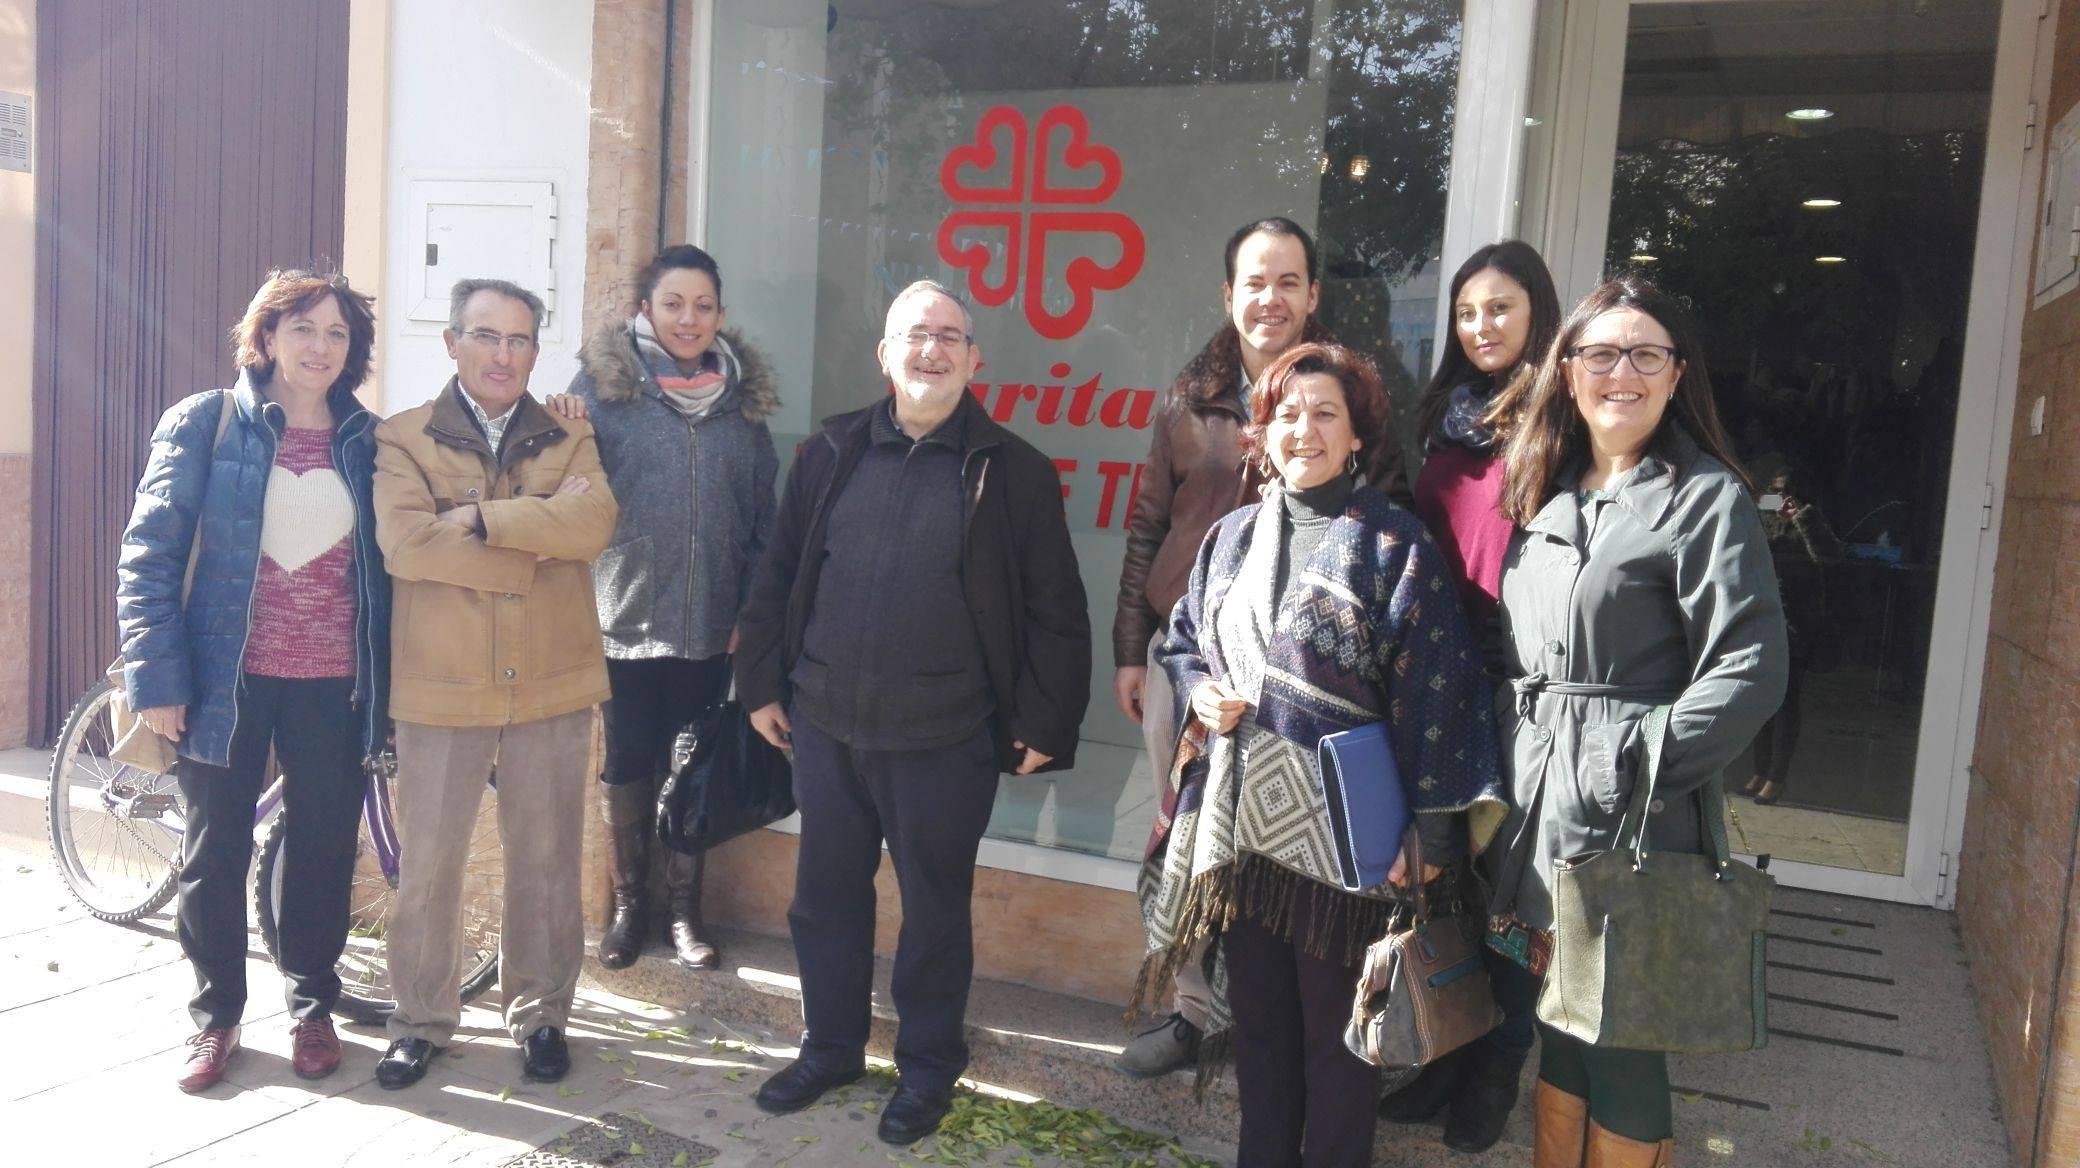 visita al nuevo ropero de caritas herencia1 - Cáritas presenta su nuevo proyecto de ropero solidario